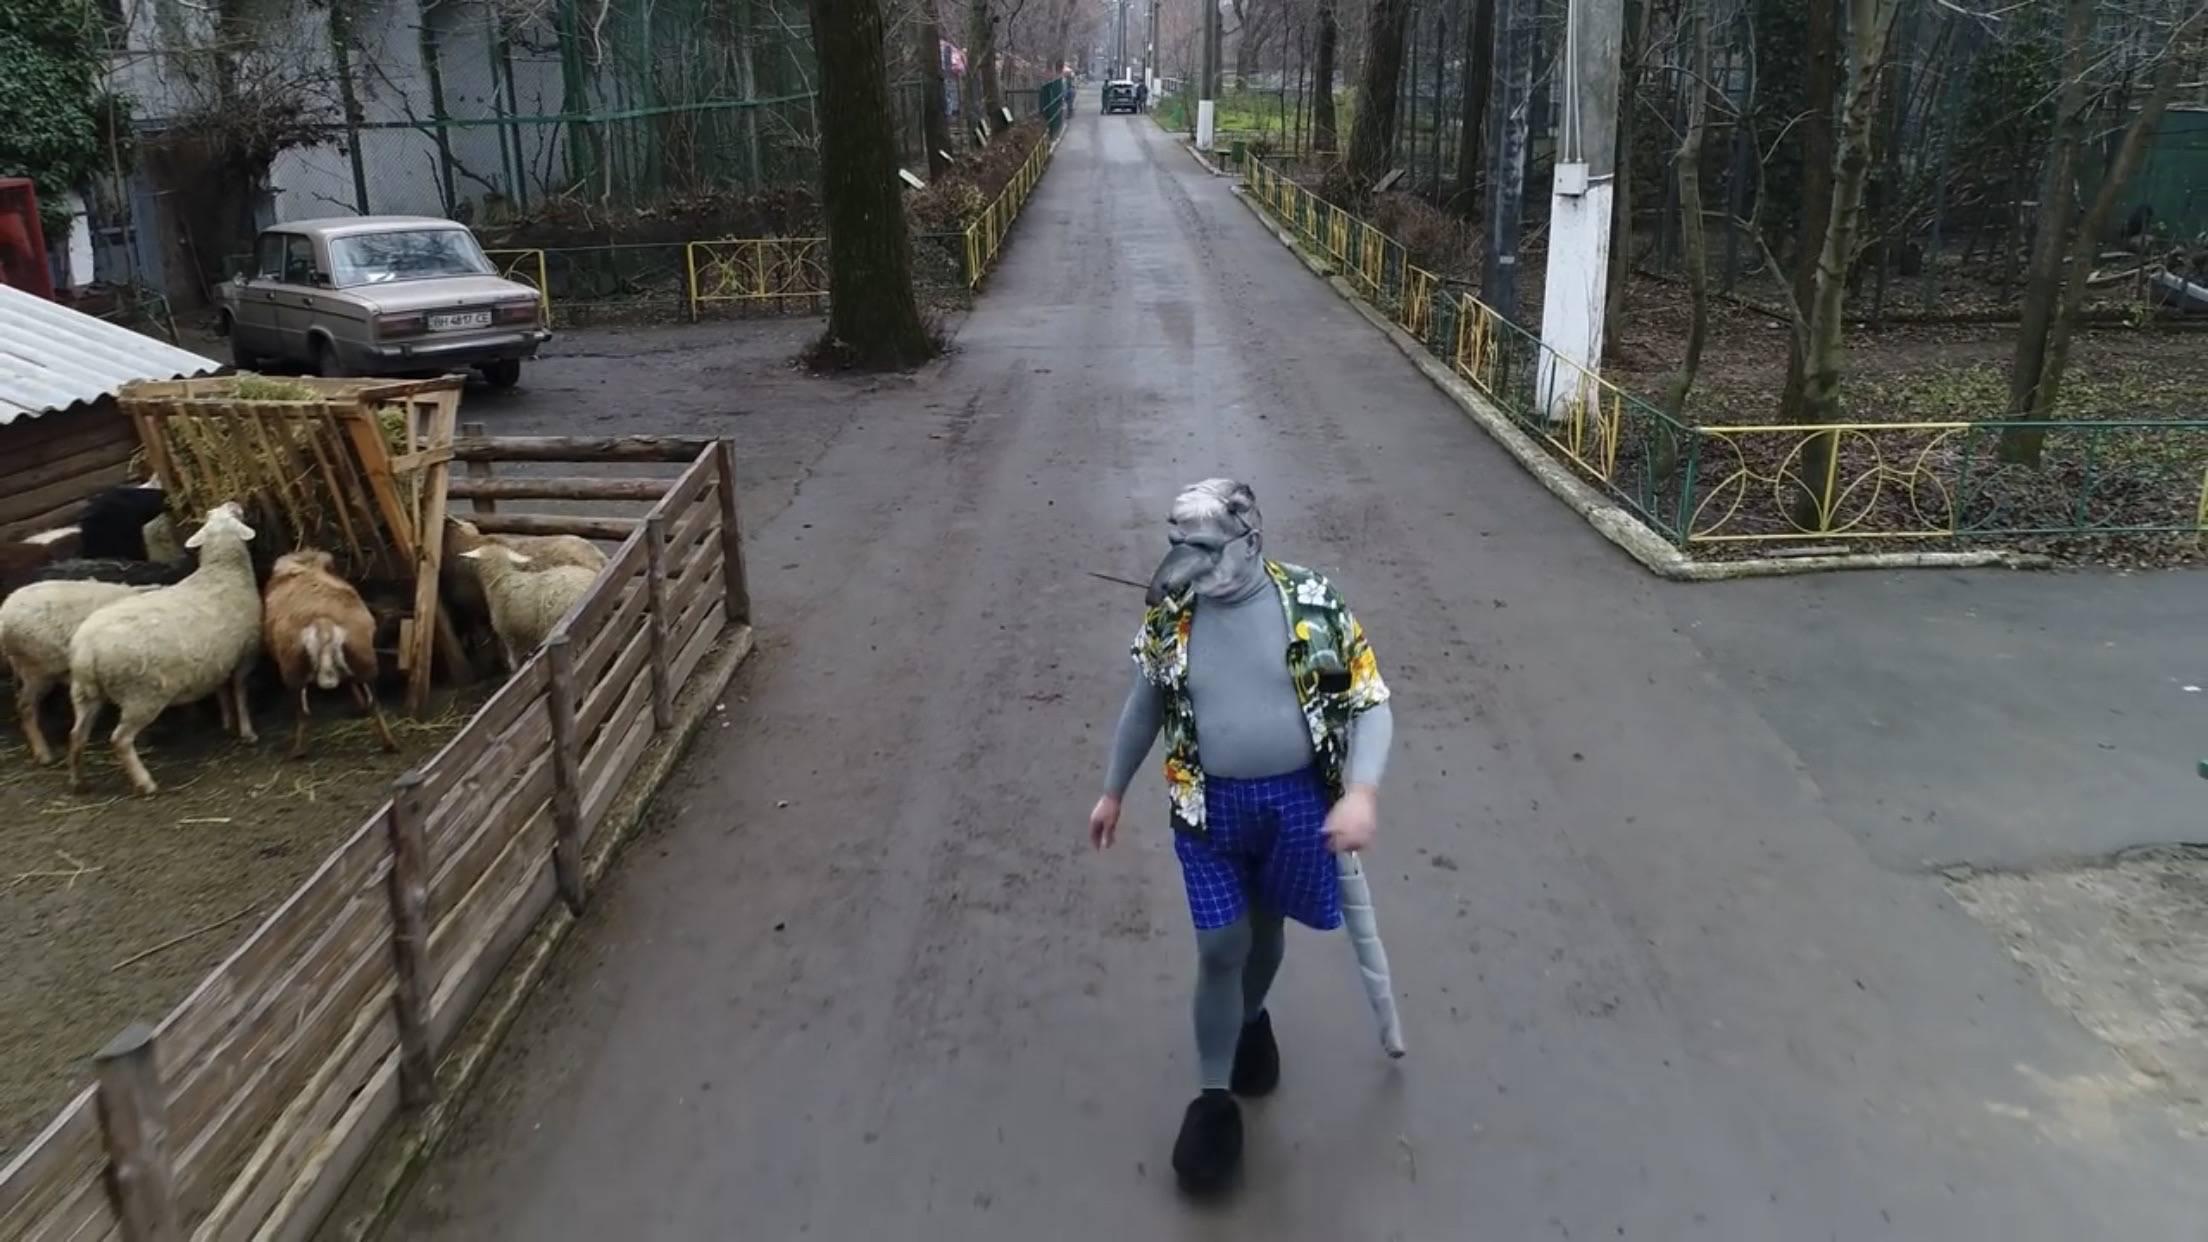 Директор Одеського зоопарку перевдягнувся в костюм пацюка та записав новорічний кліп (ВІДЕО)